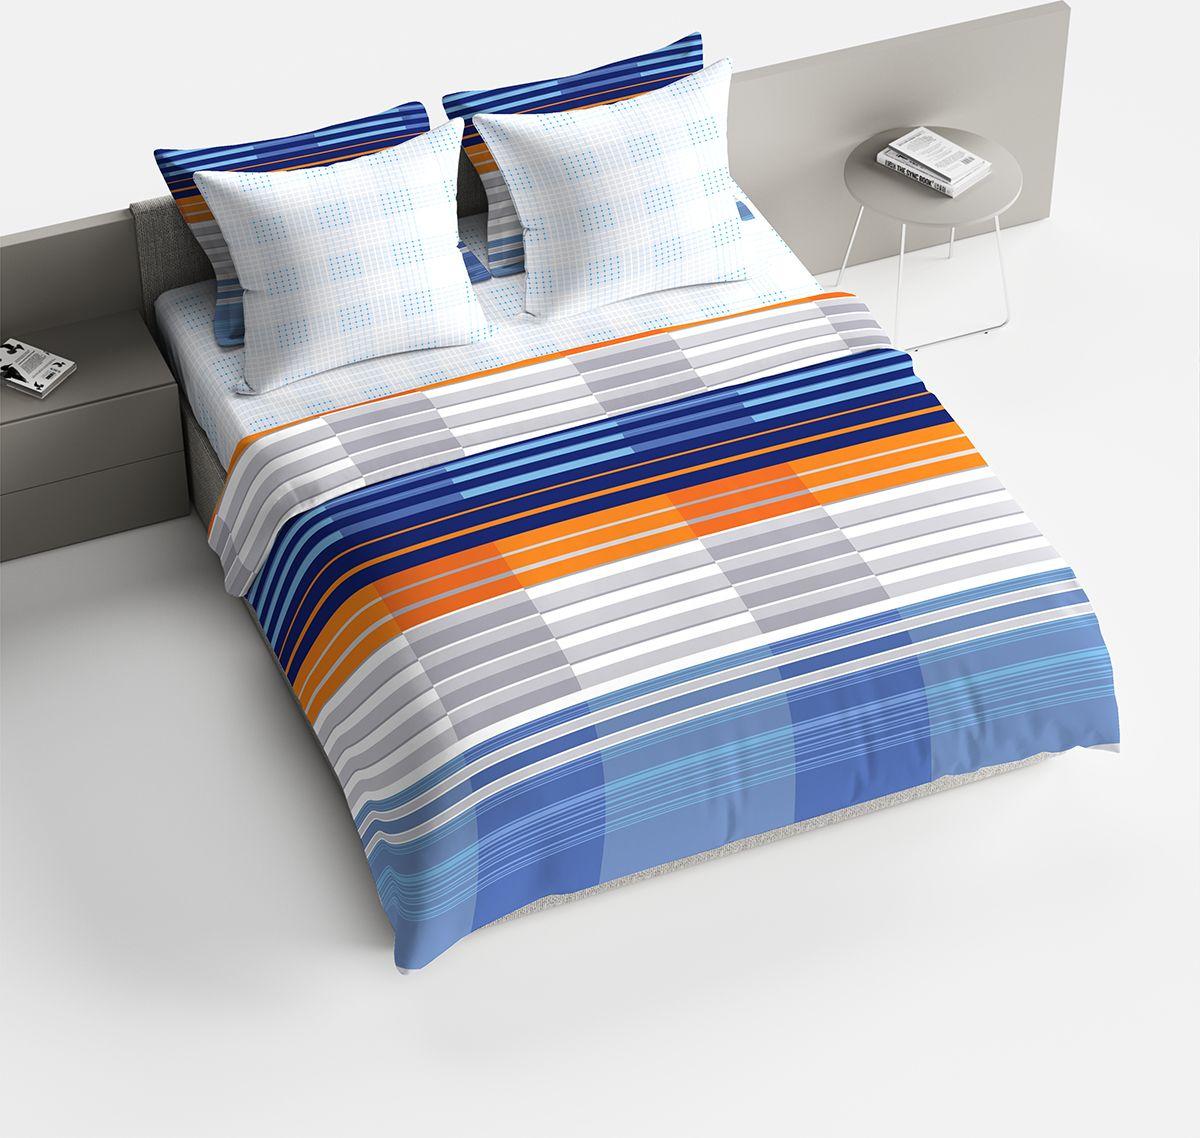 Комплект белья Браво Марино, 1,5-спальный, наволочки 70x70, цвет: синий91923Постельное белье коллекции Bravo изготавливается из ткани Lux Cotton (высококачественный импортный поплин), сотканной из длинноволокнистого египетского хлопка, создано специально для людей с оригинальным вкусом, предпочитающим современные решения в интерьере. В процессе производства применяются только стойкие и экологически чистые красители, поэтому это белье можно использовать и для детей. Обновленная стильная упаковка делает этот комплект отличным подарком.Советы по выбору постельного белья от блогера Ирины Соковых. Статья OZON Гид